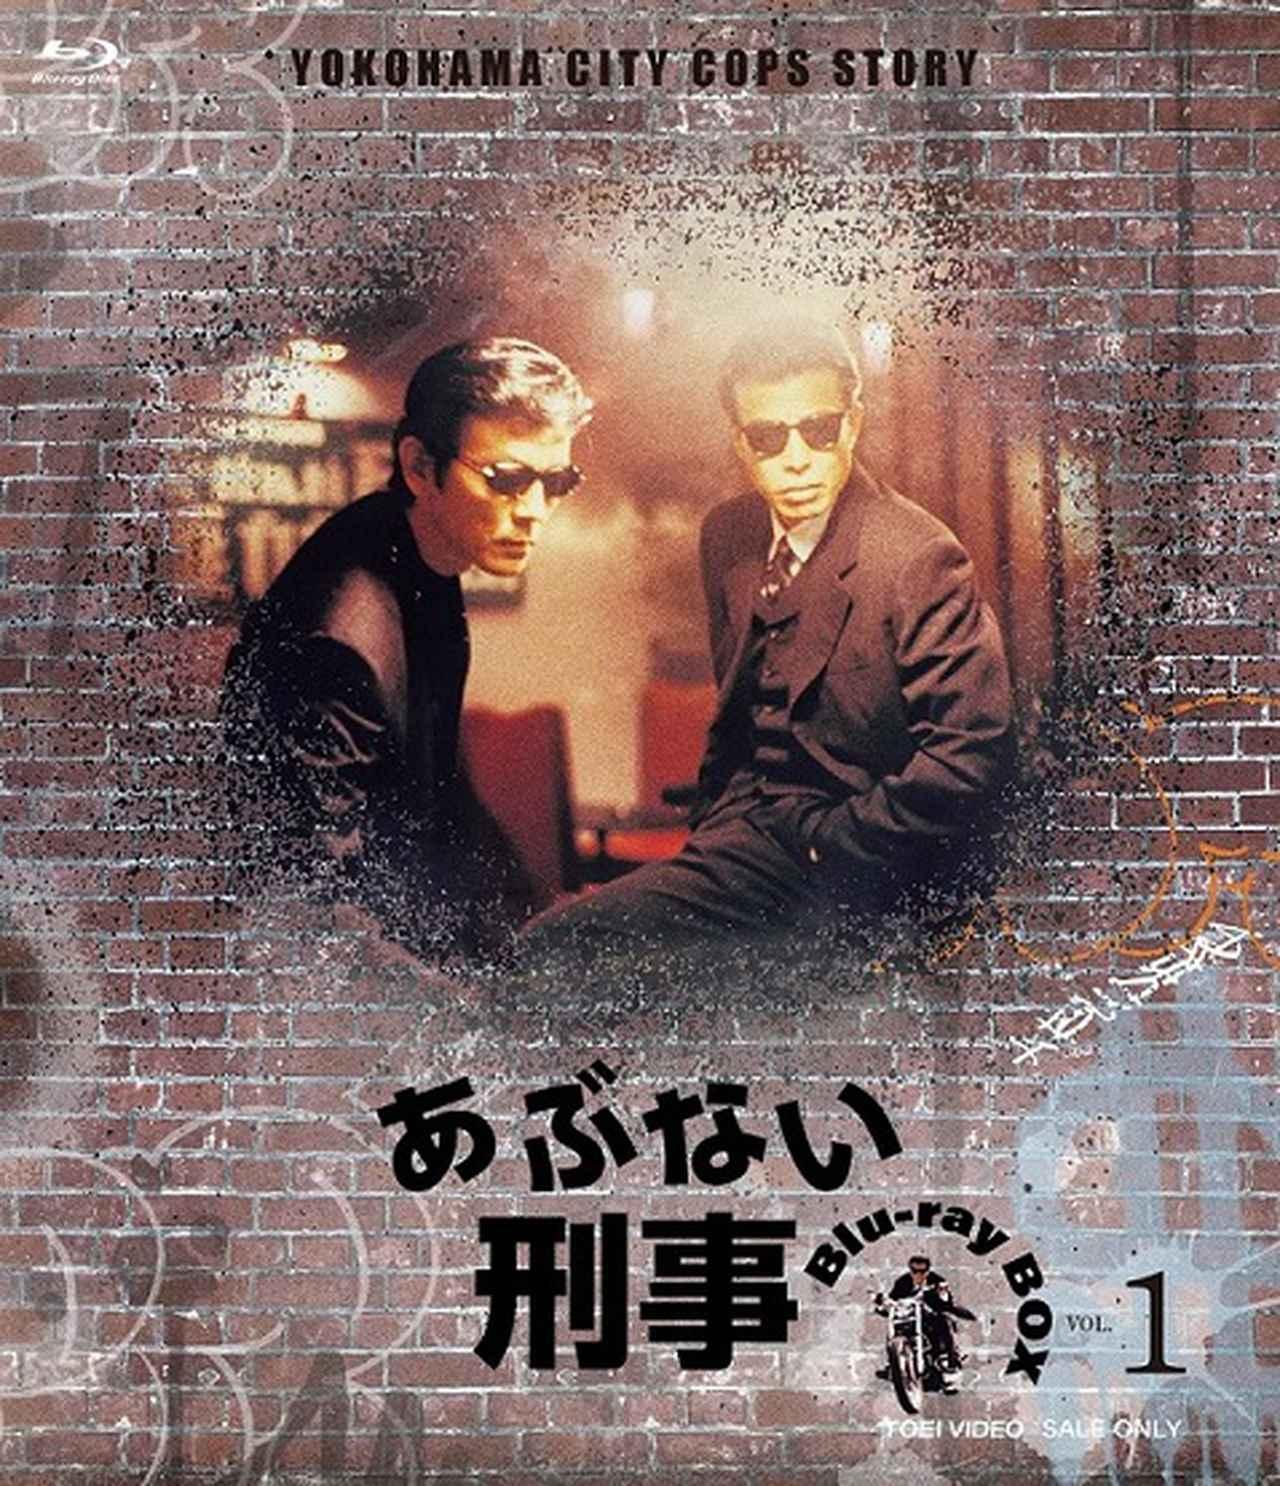 画像3: 「あぶない刑事」&「もっとあぶない刑事」、HDリマスター版Blu-rayが発売決定!タカ&ユージのフィギュアも登場